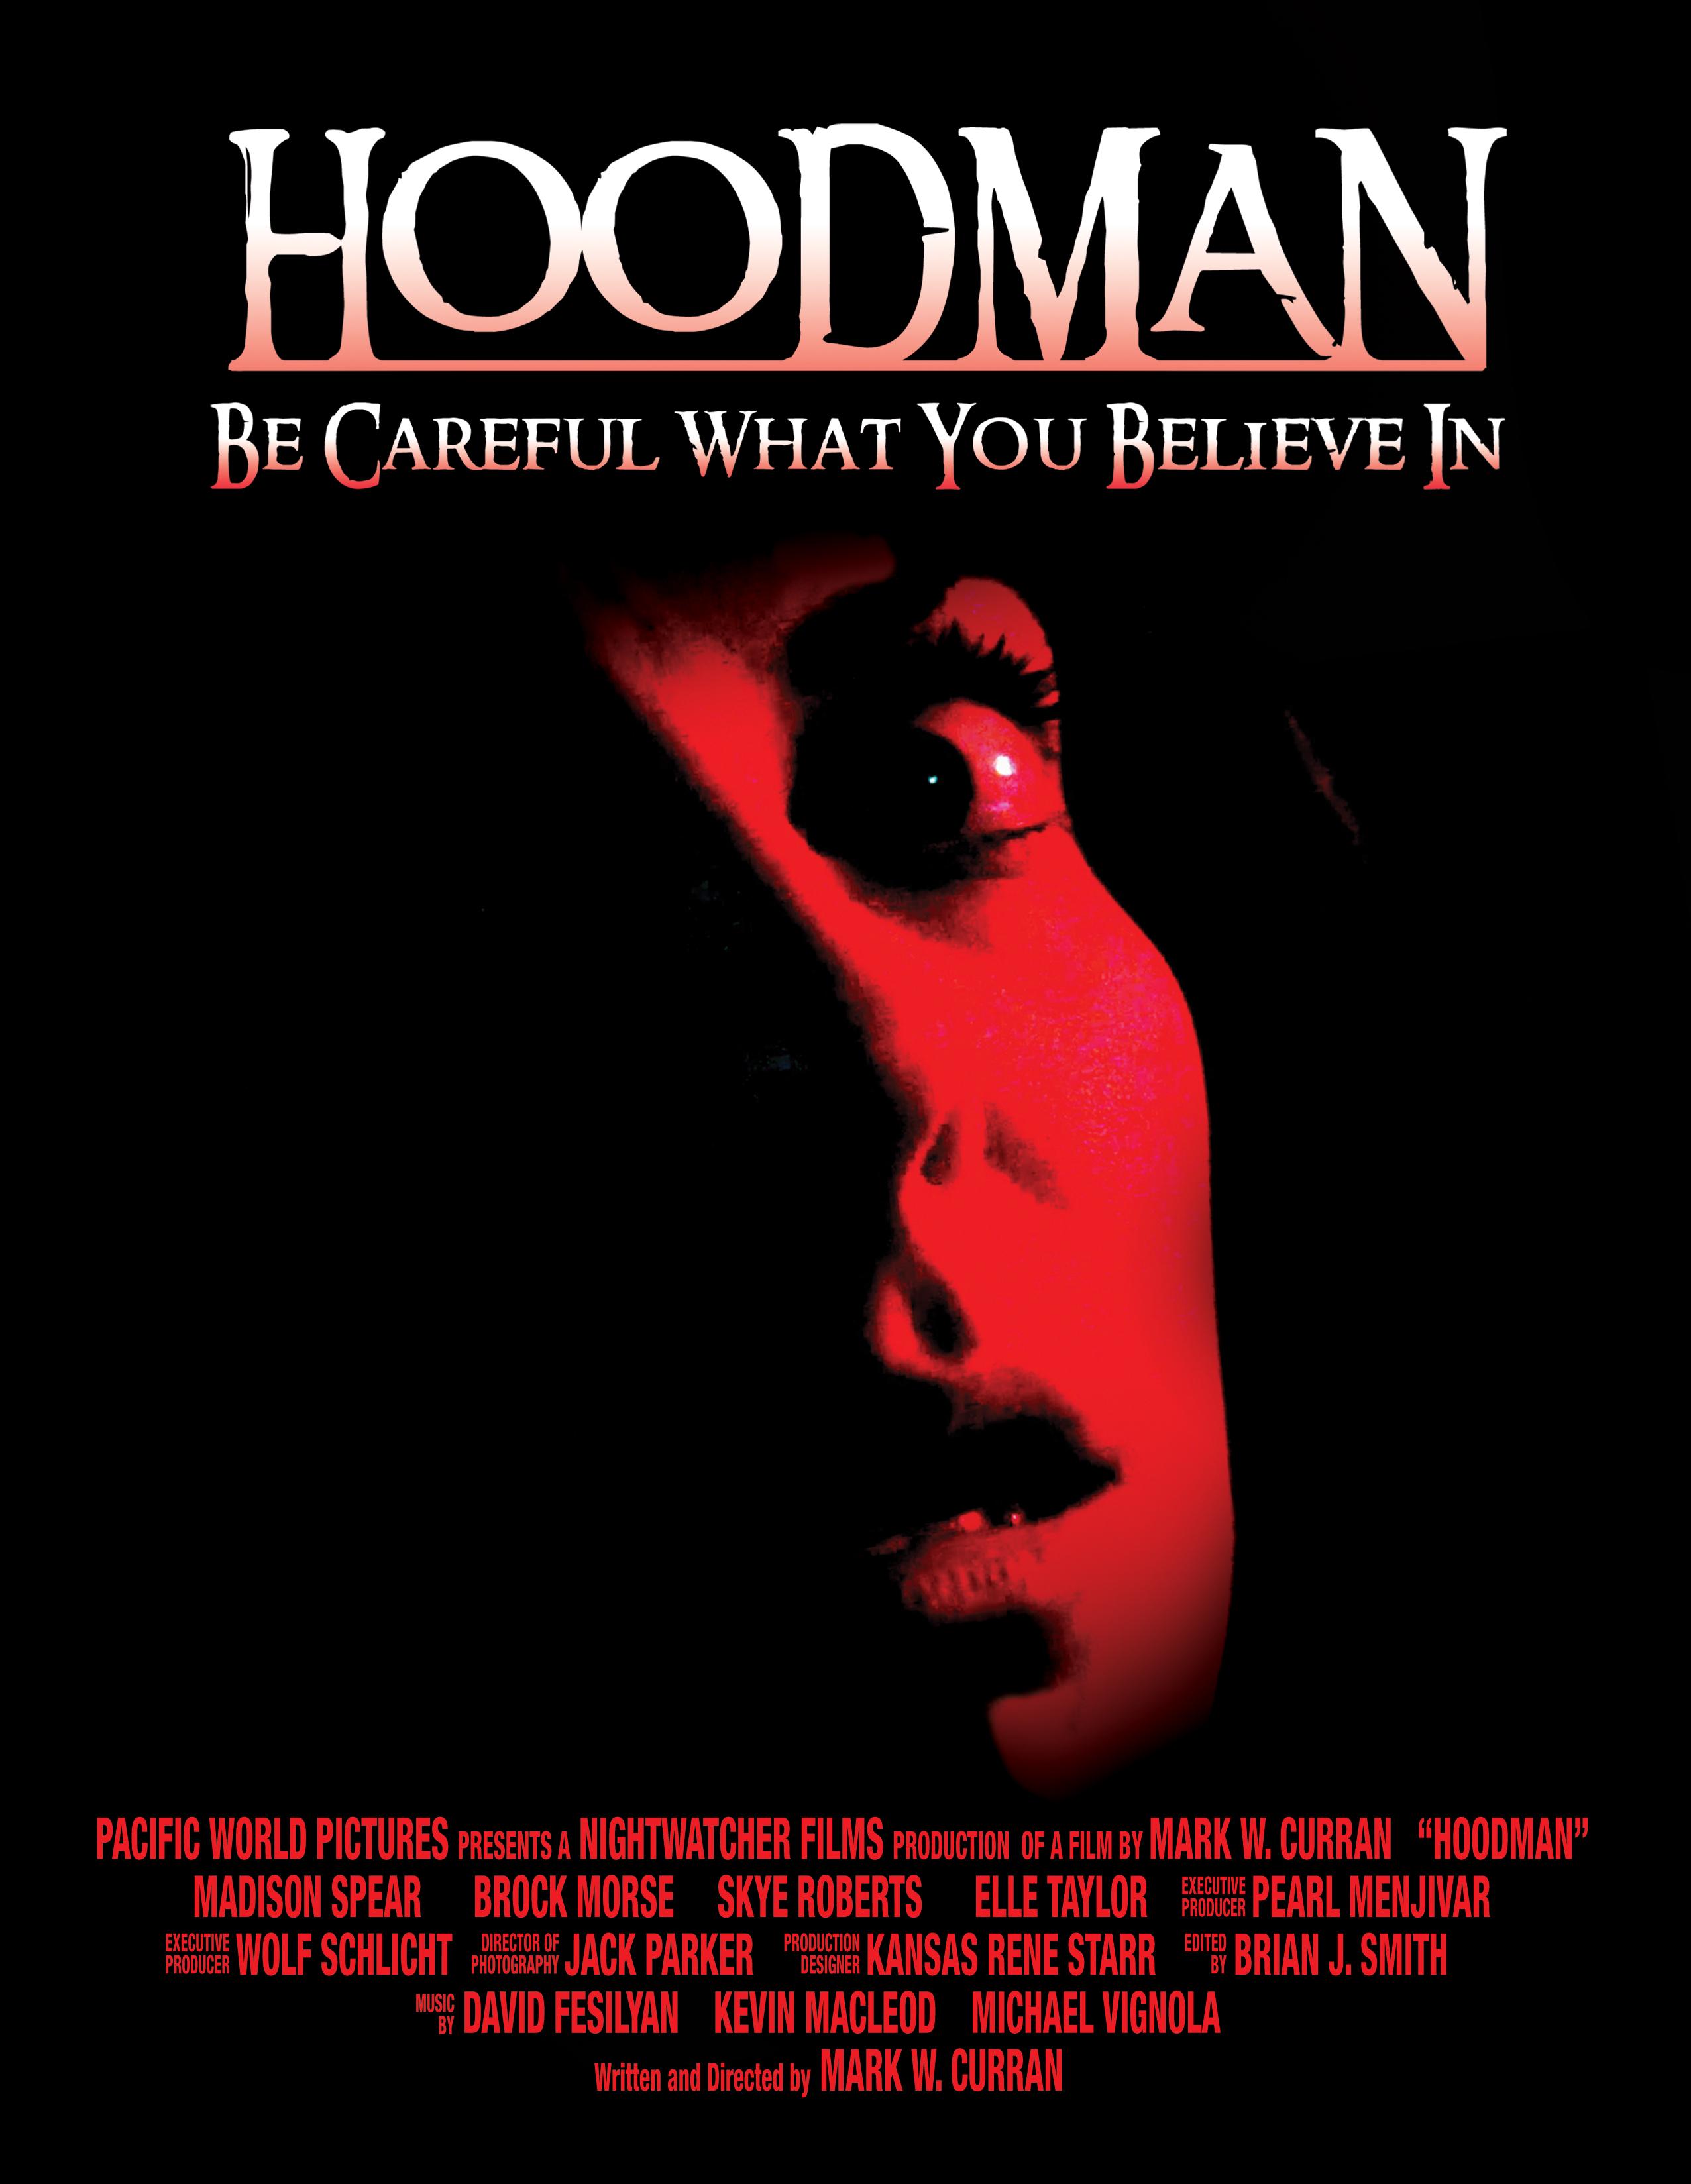 Hoodman hd on soap2day